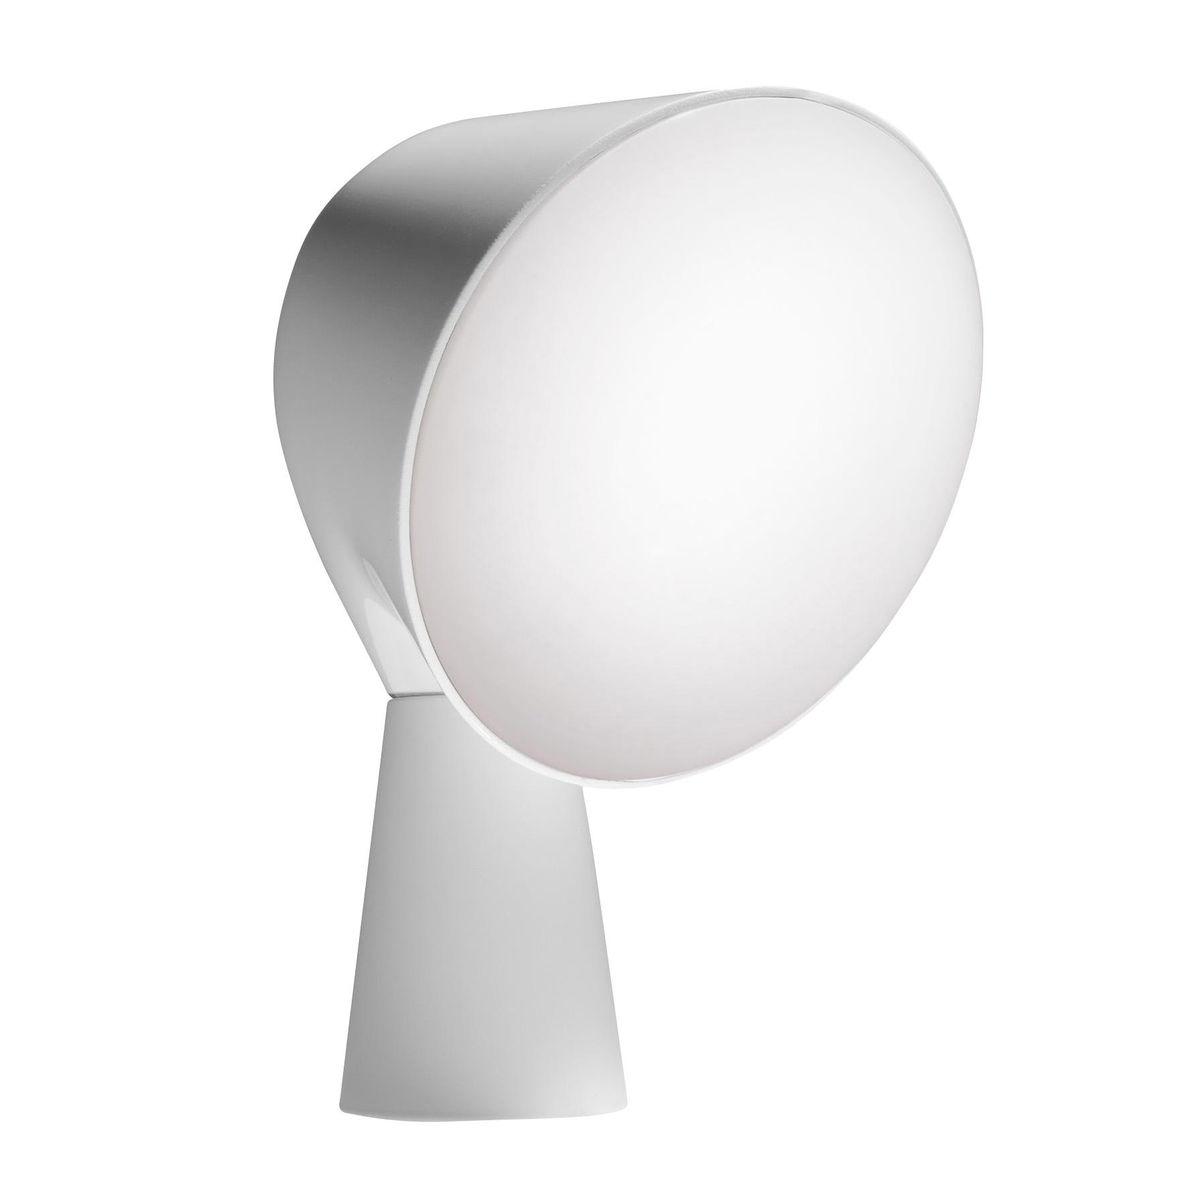 Binic table lamp foscarini ambientedirect foscarini binic table lamp whitelxwxh 14x14x20cm geotapseo Image collections